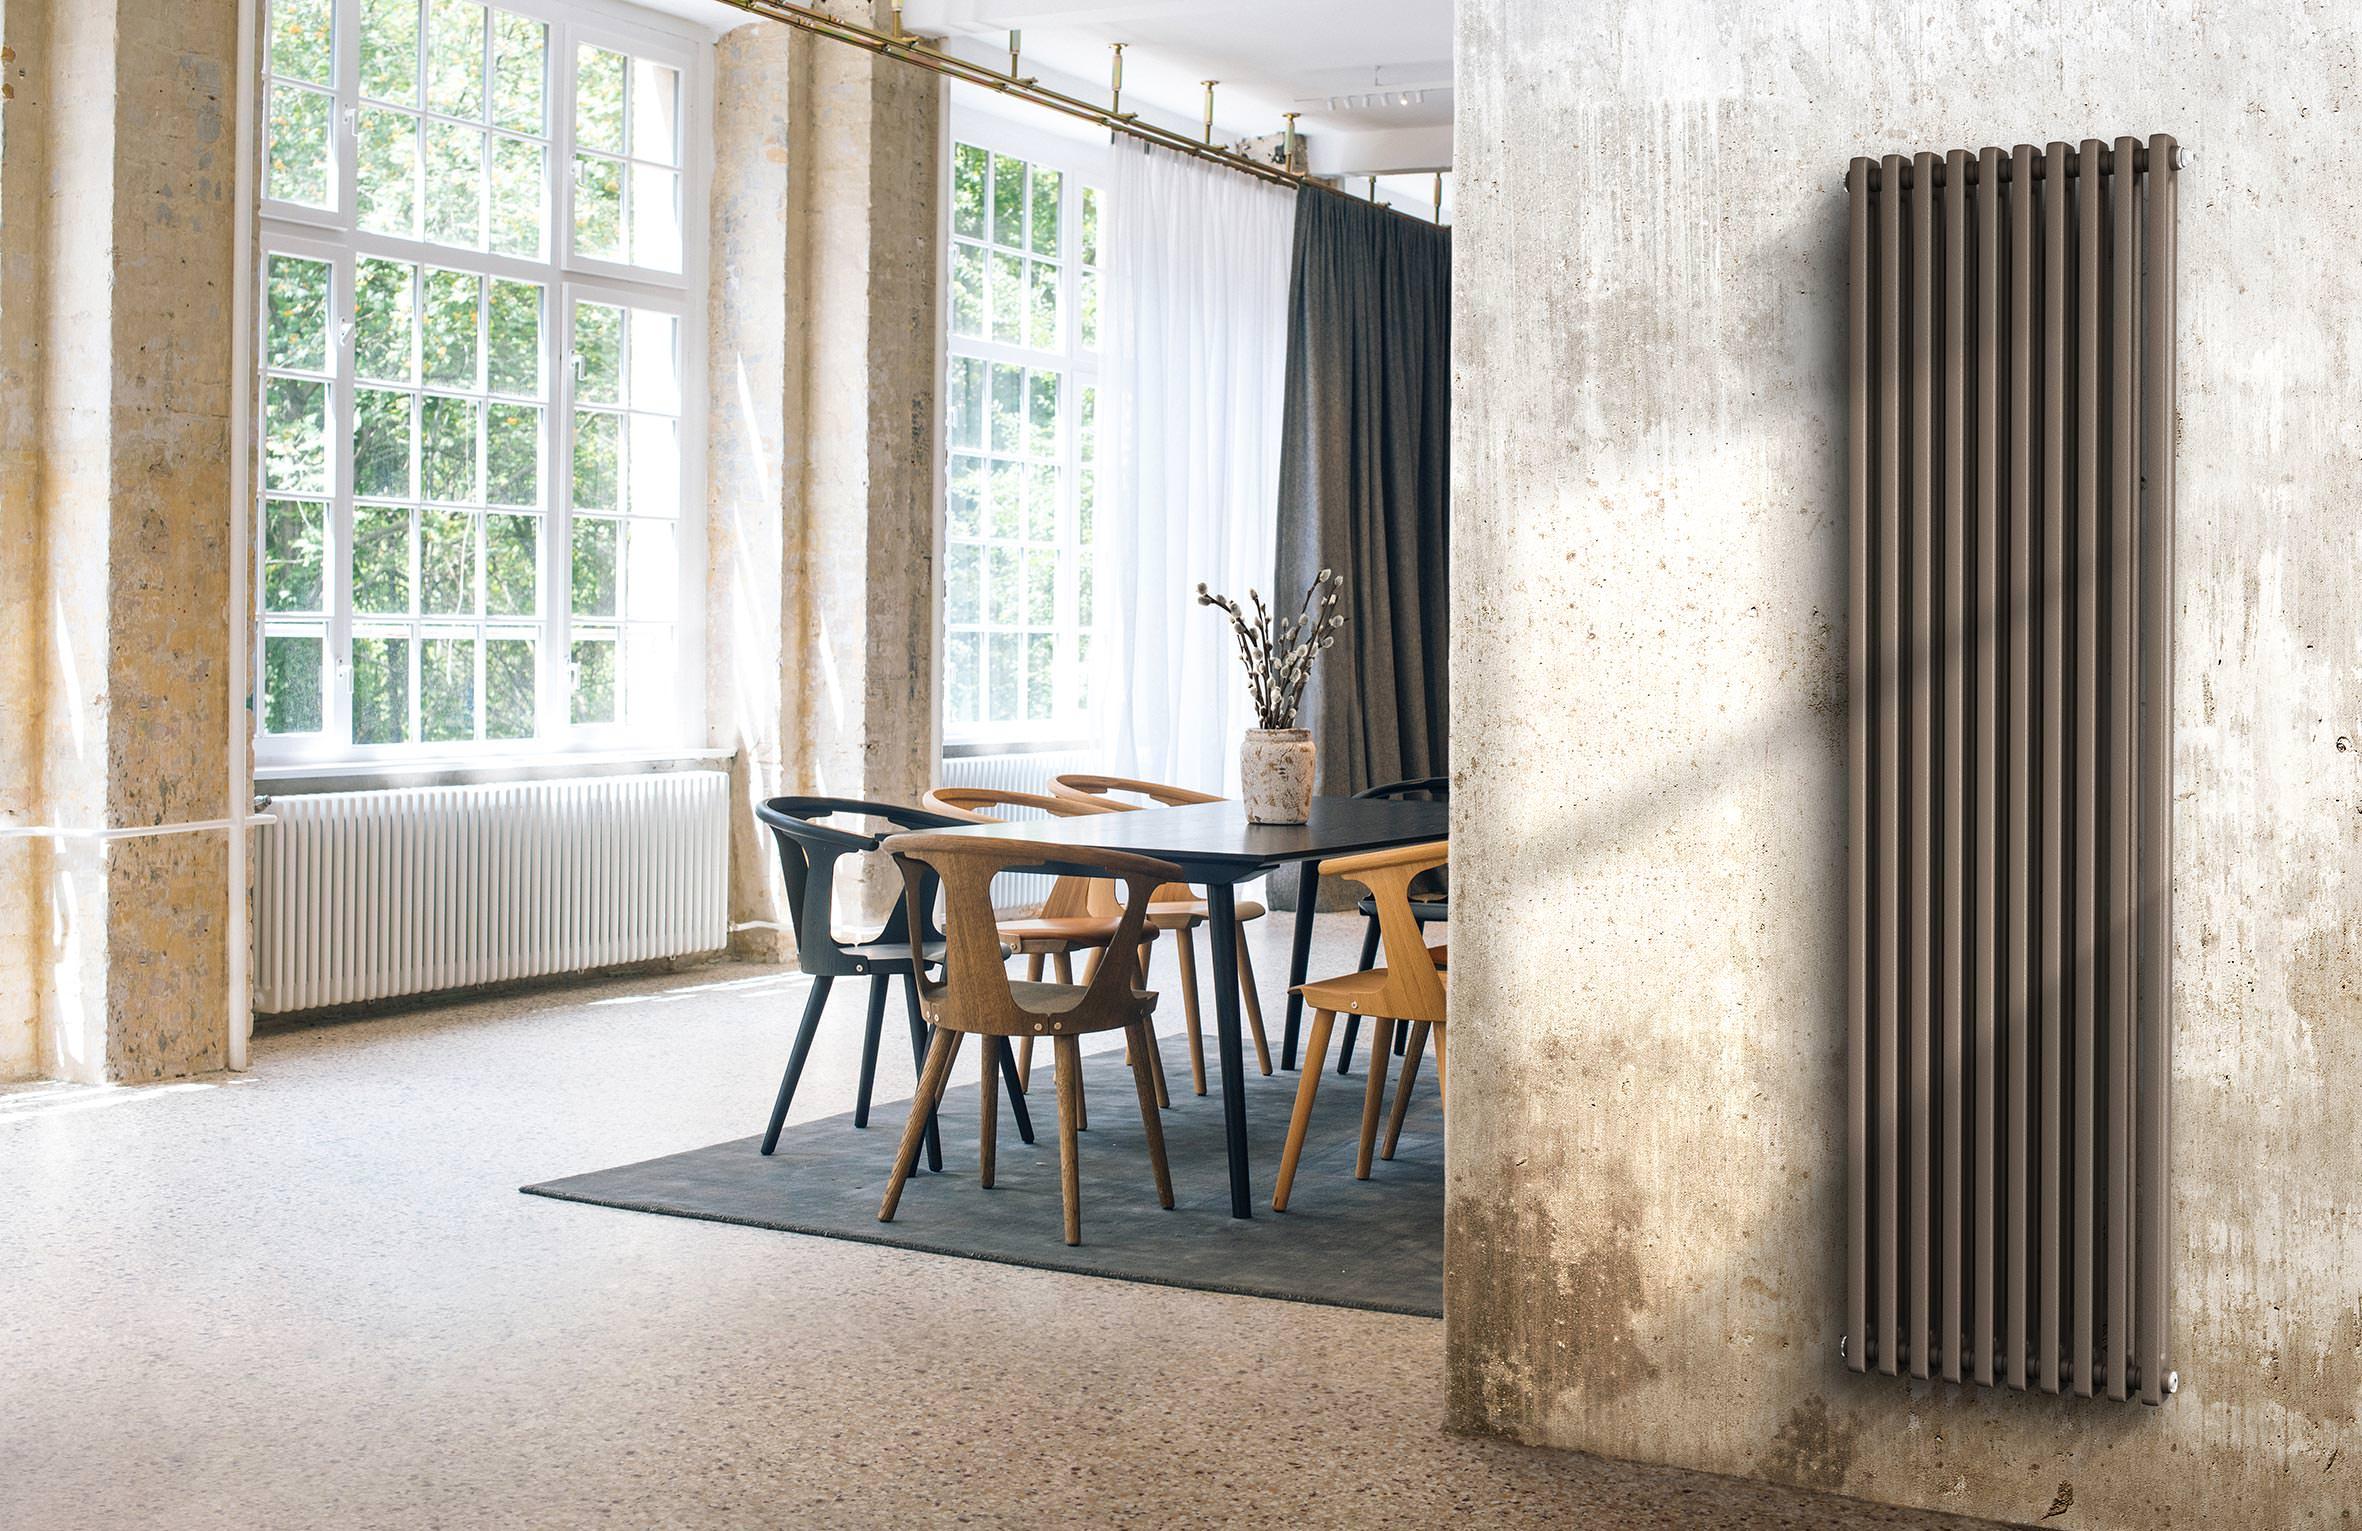 Relativ Industrieflair mit Röhrenradiatoren von Purmo in Rost, Kupfer und OC15